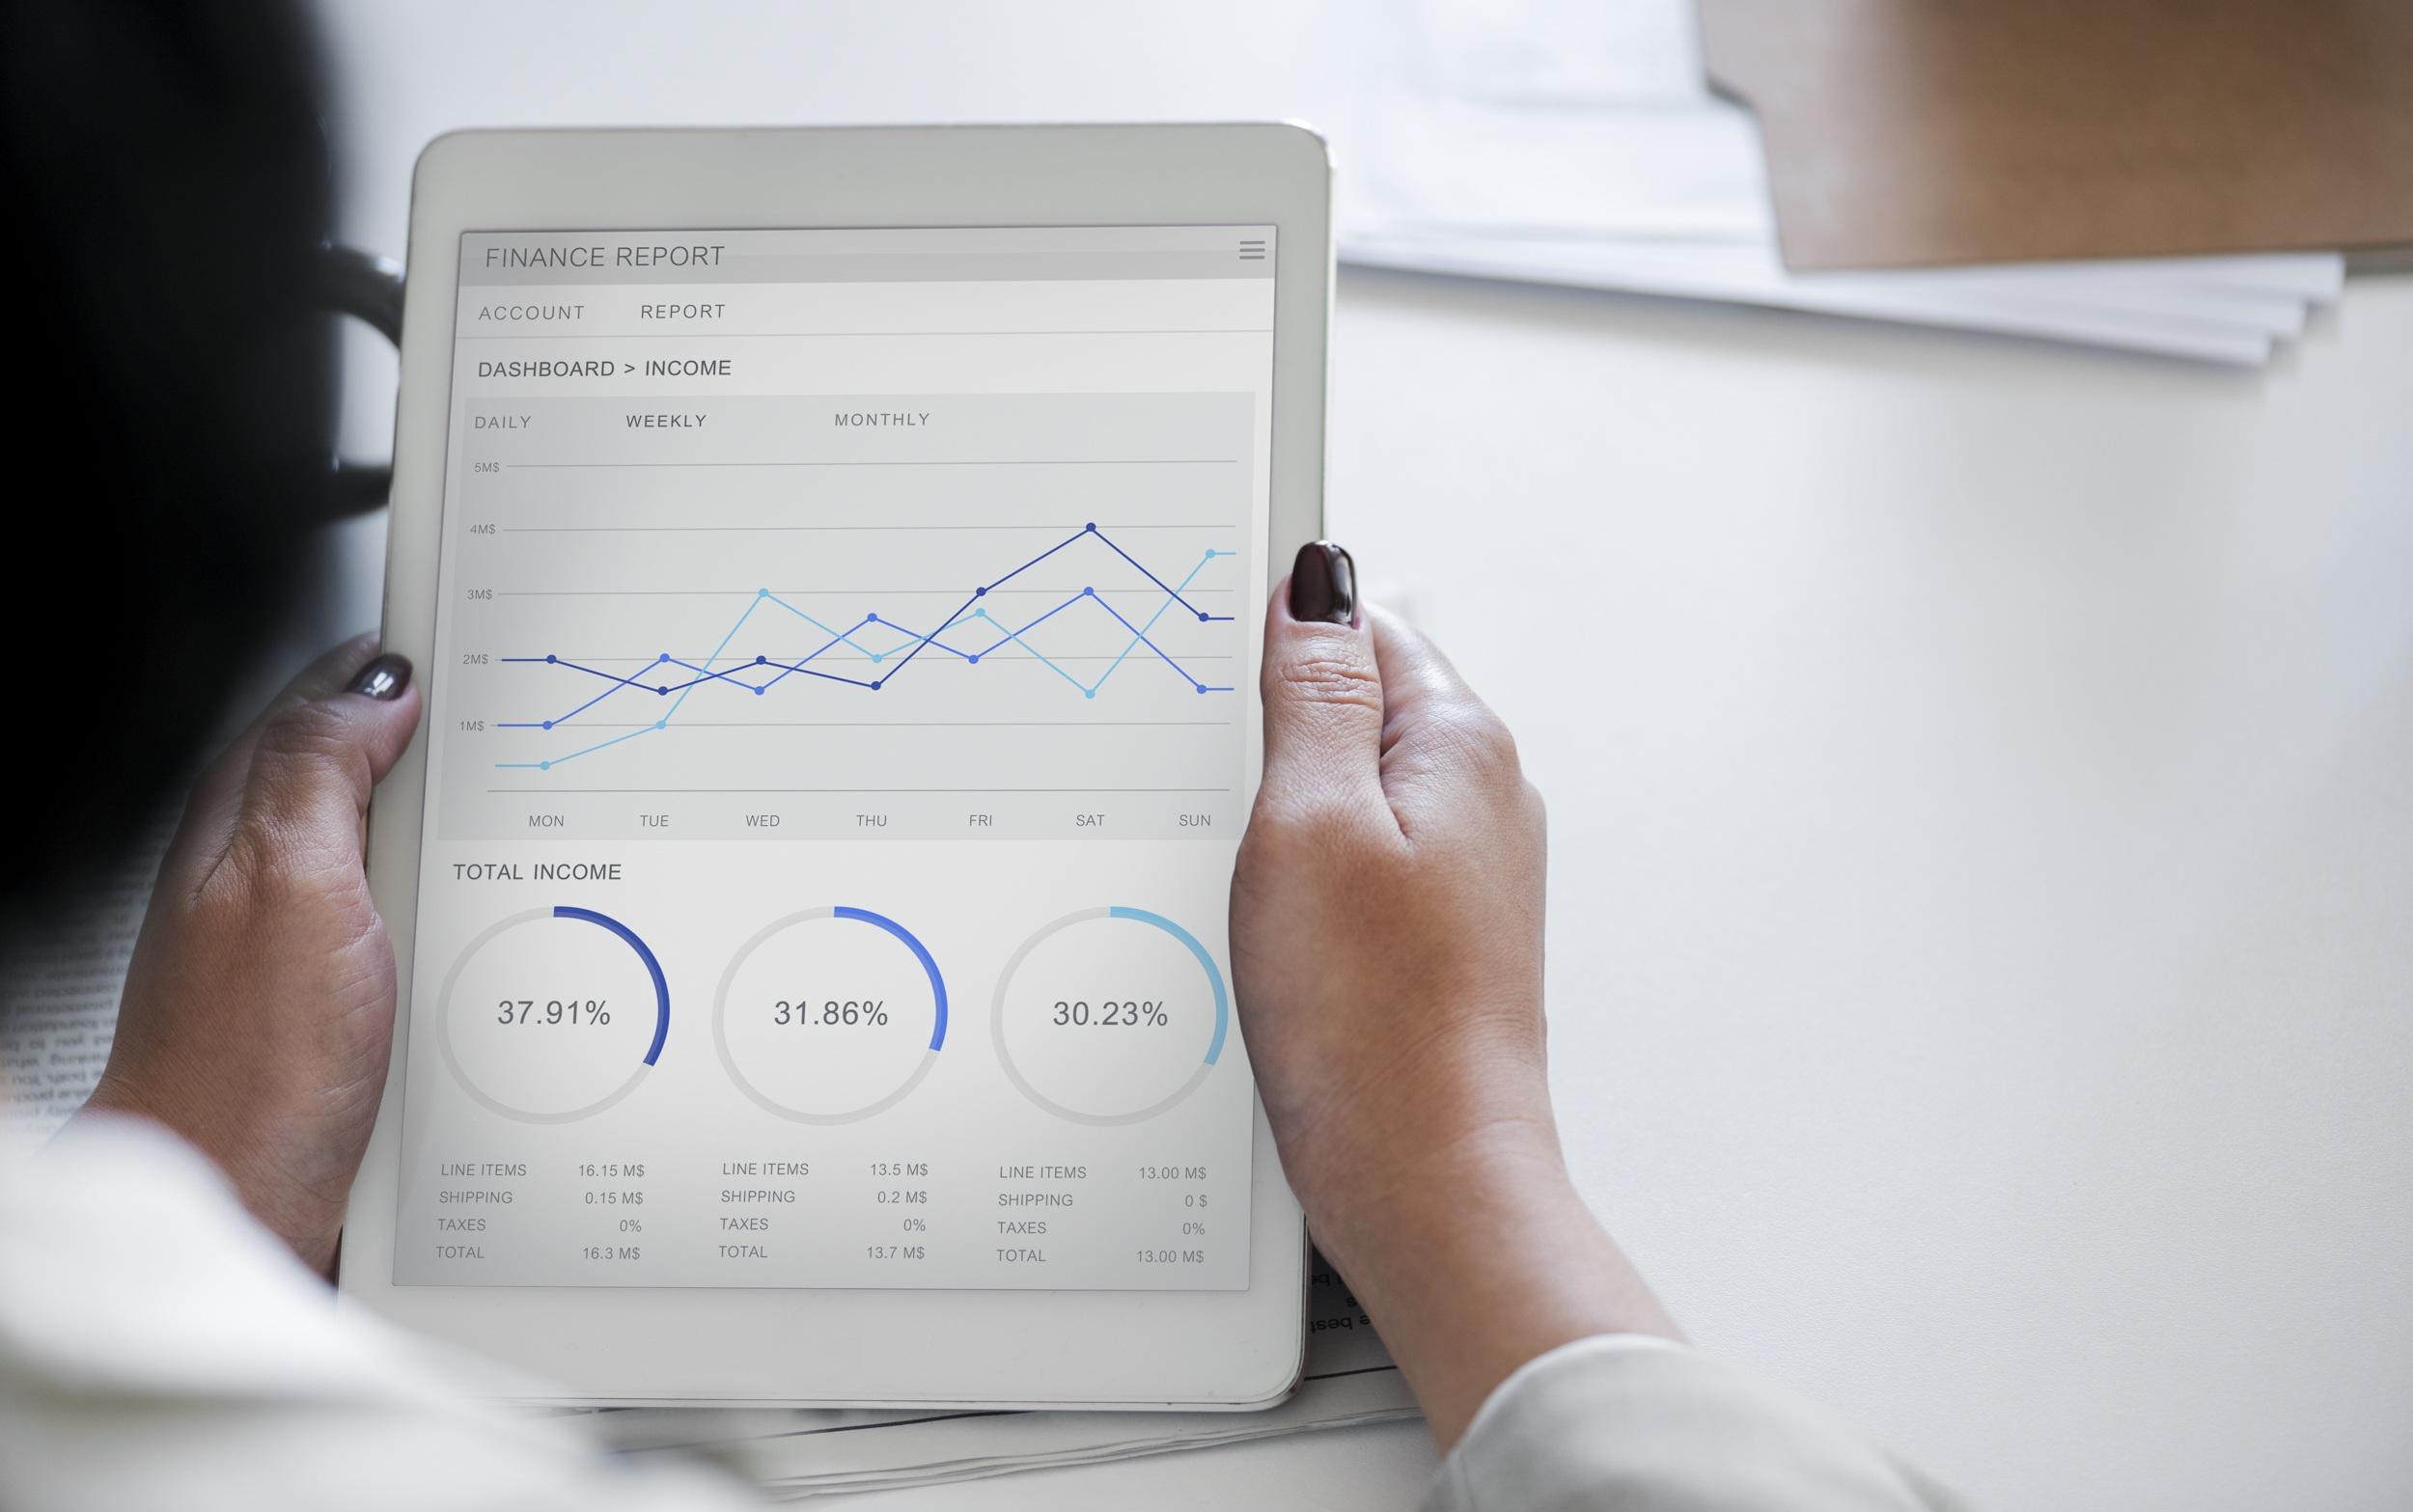 W jaki sposób Power BI usprawnia analizę danych marketingowych?